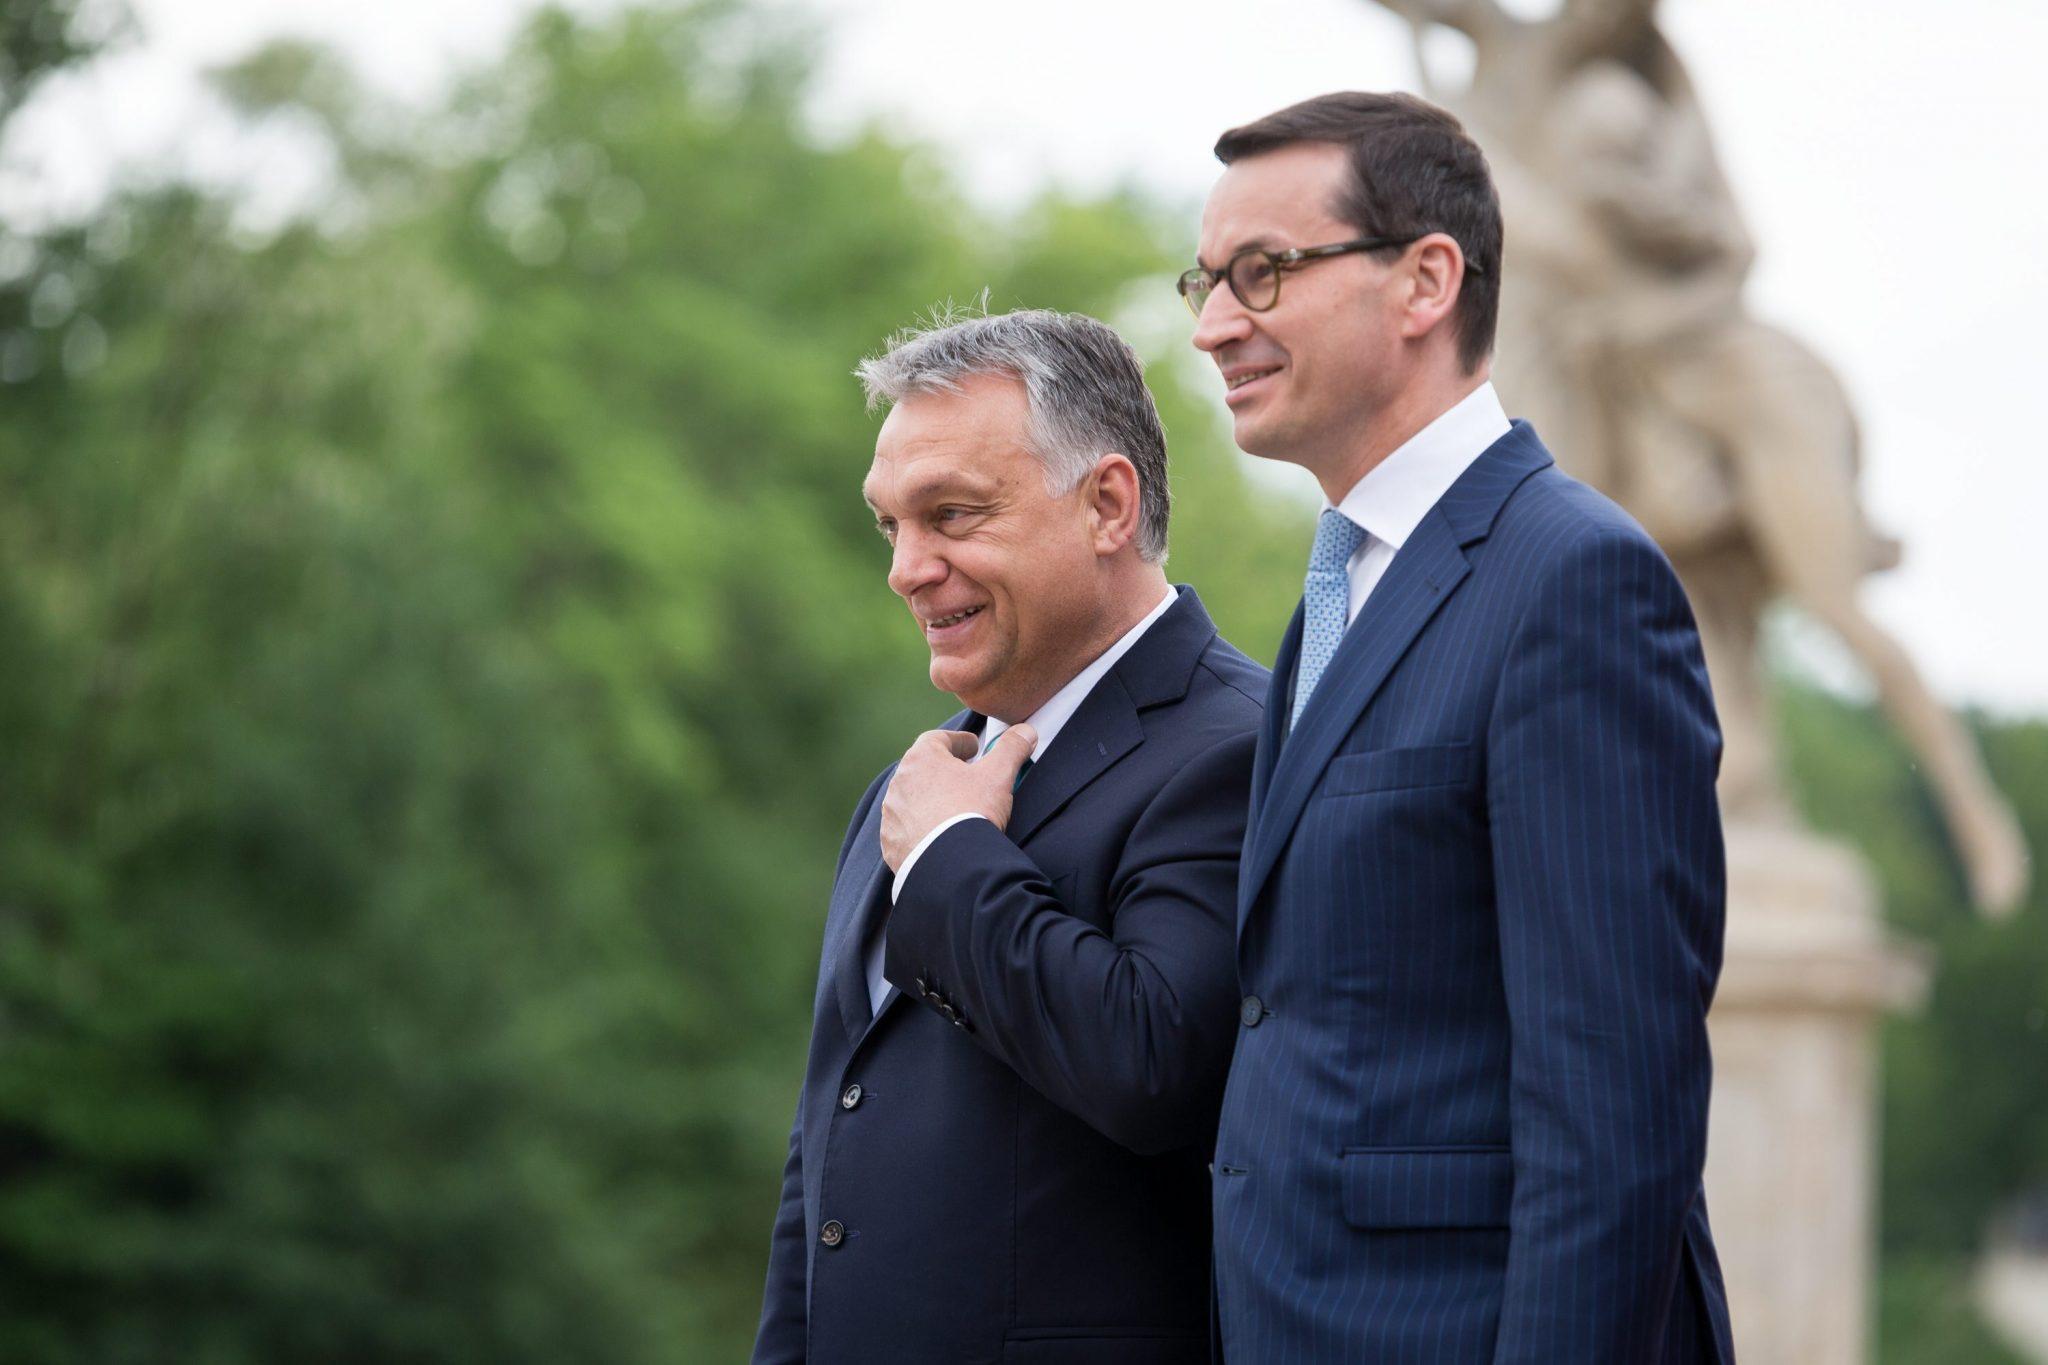 Ungarns Ministerpräsident Viktor Orbán (links) und Polens Regierungschef Mateusz Morawiecki: Beide Männer werten die Einigung als Sieg für ihre Länder